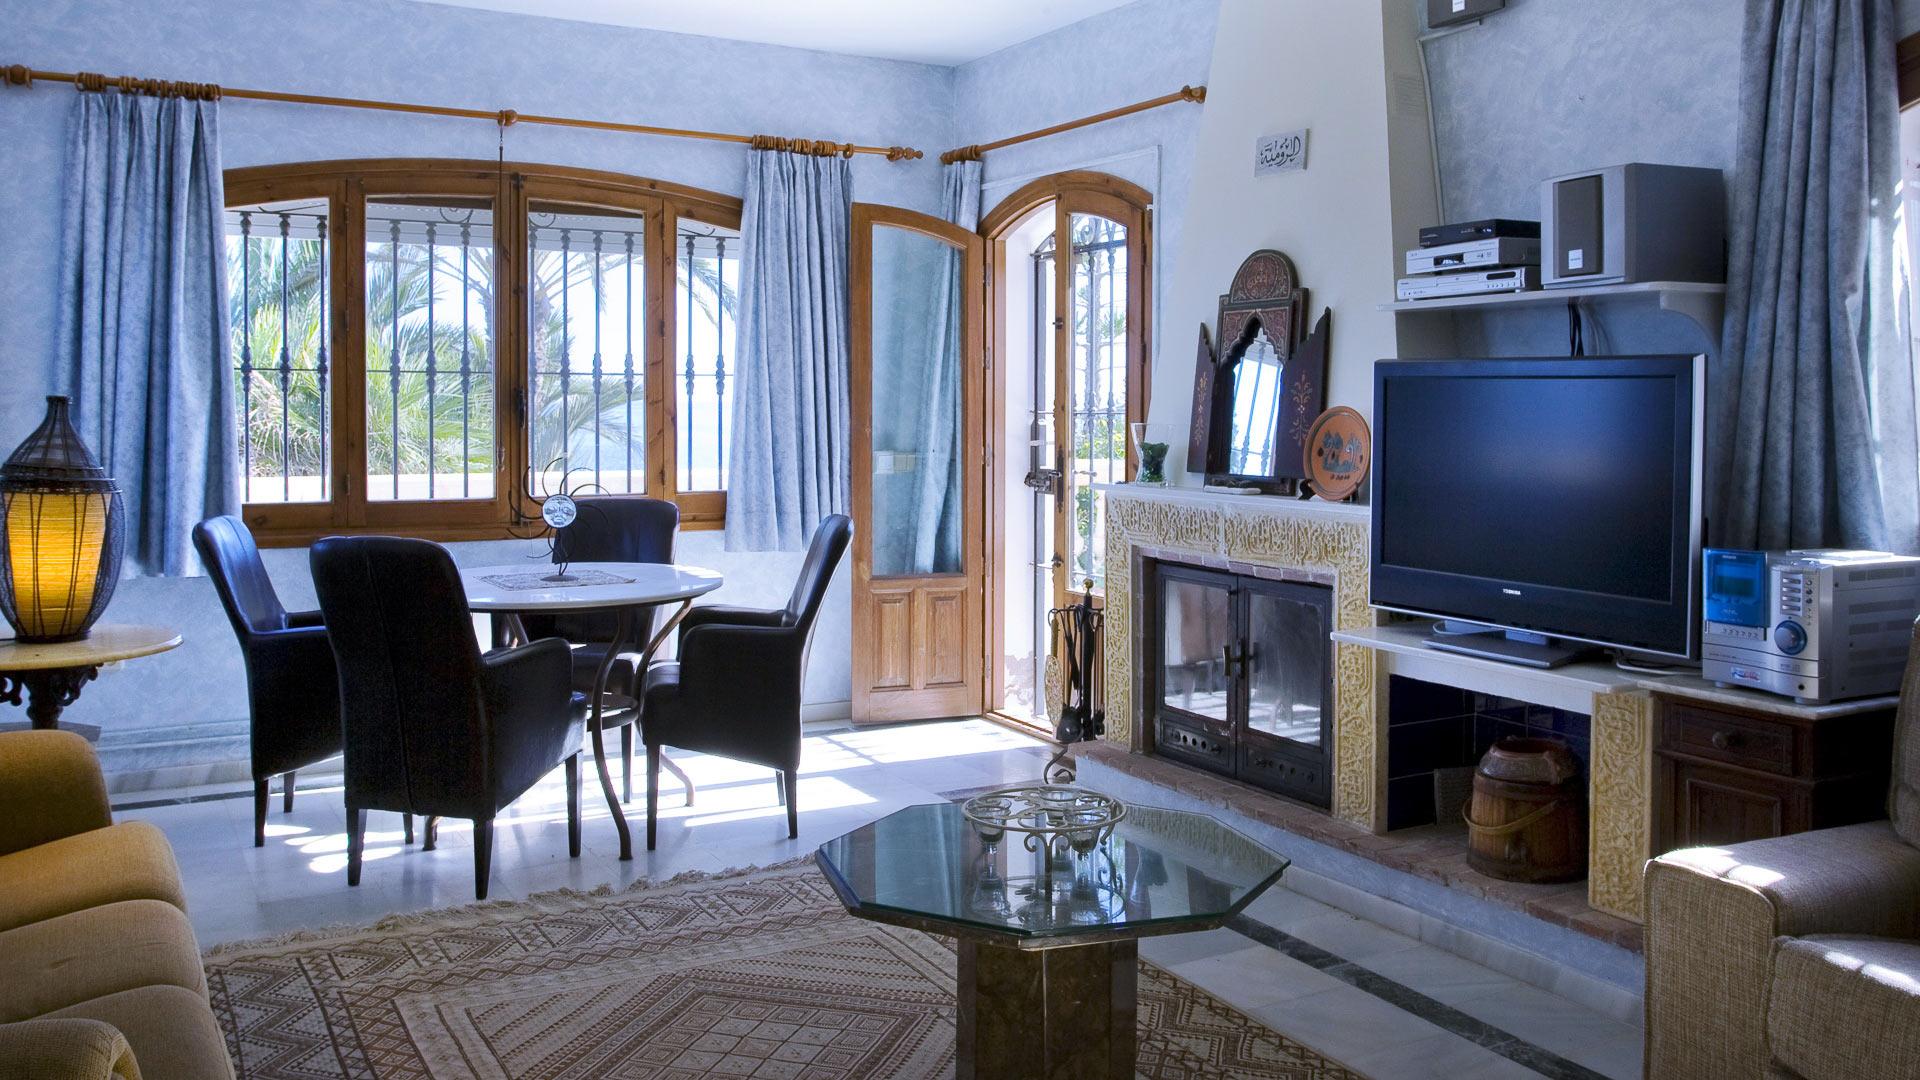 photos de la villa villa adriel andalousie villanovo. Black Bedroom Furniture Sets. Home Design Ideas